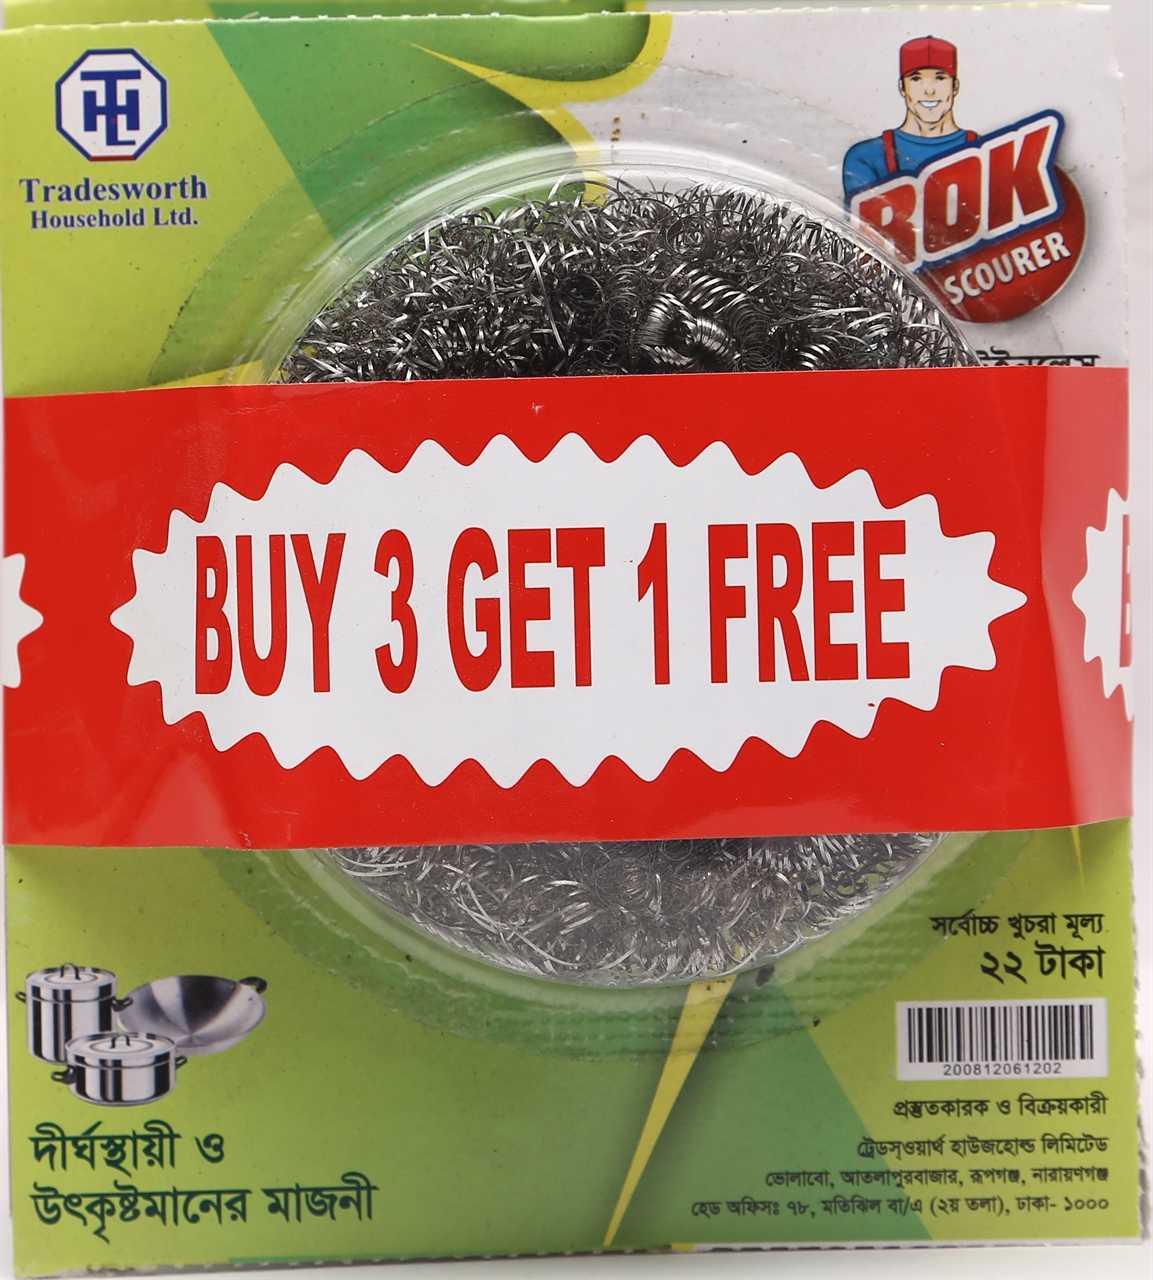 Rok Steel Scourer Buy 3 Get 1 Free